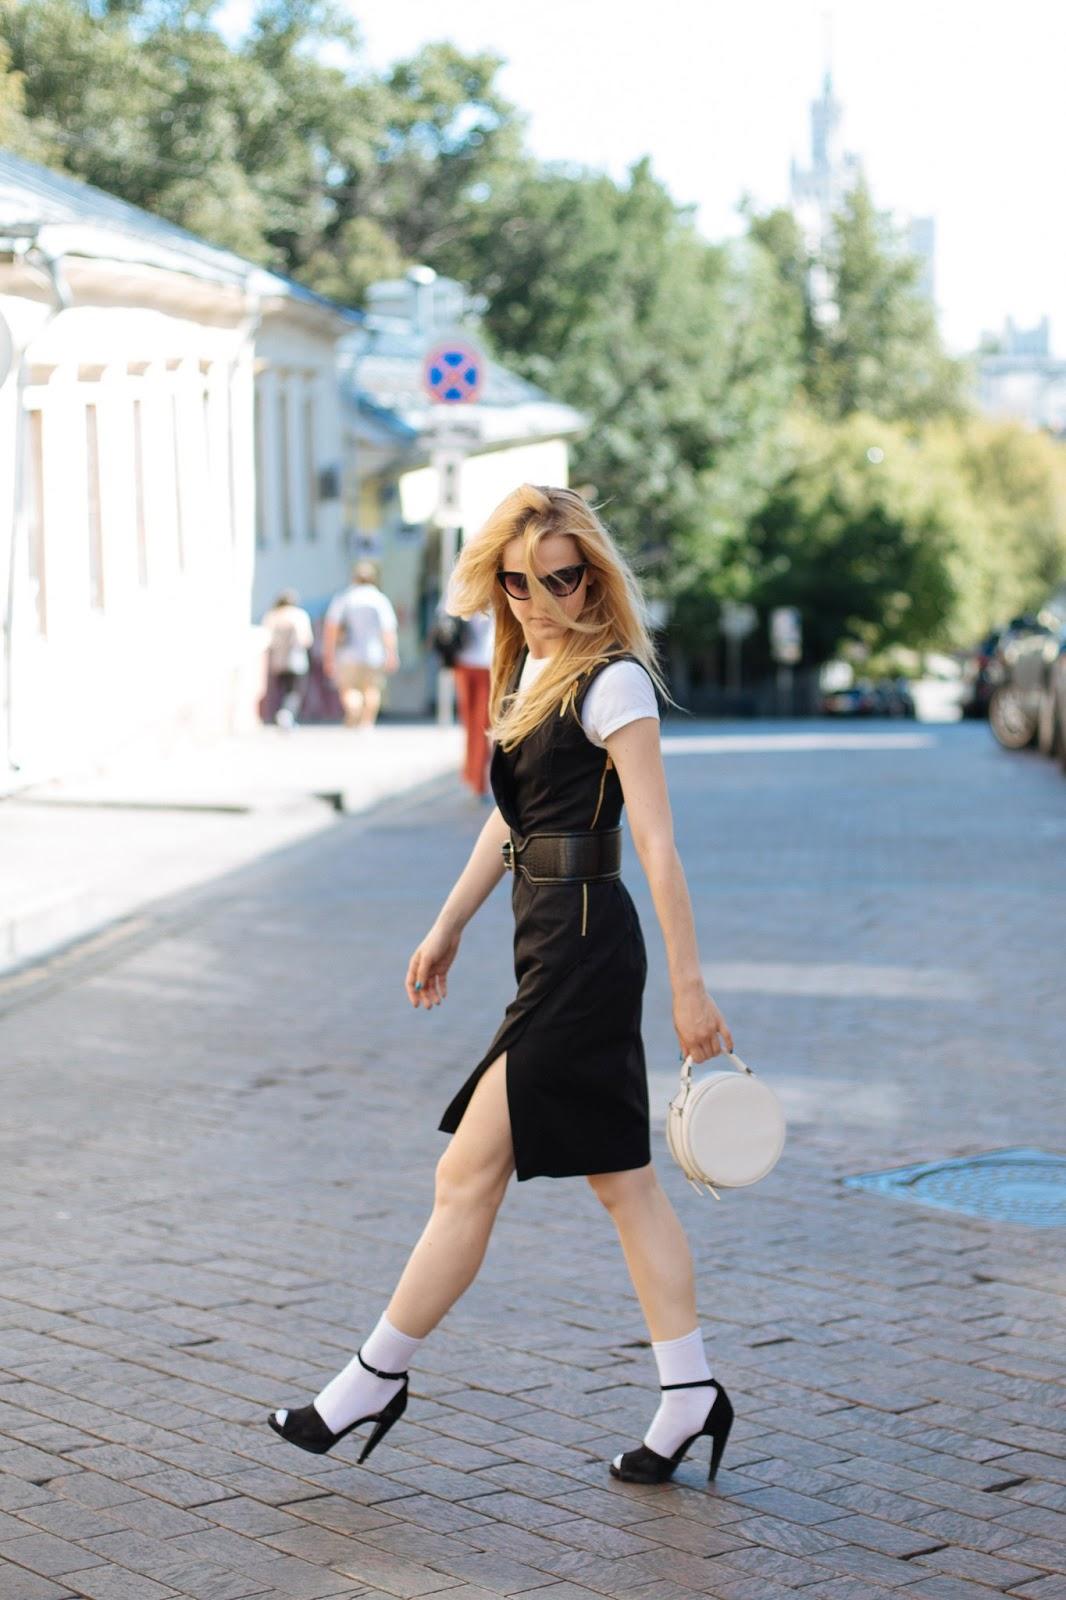 городской лук, модный лук, платье жилет, носки с босоножками